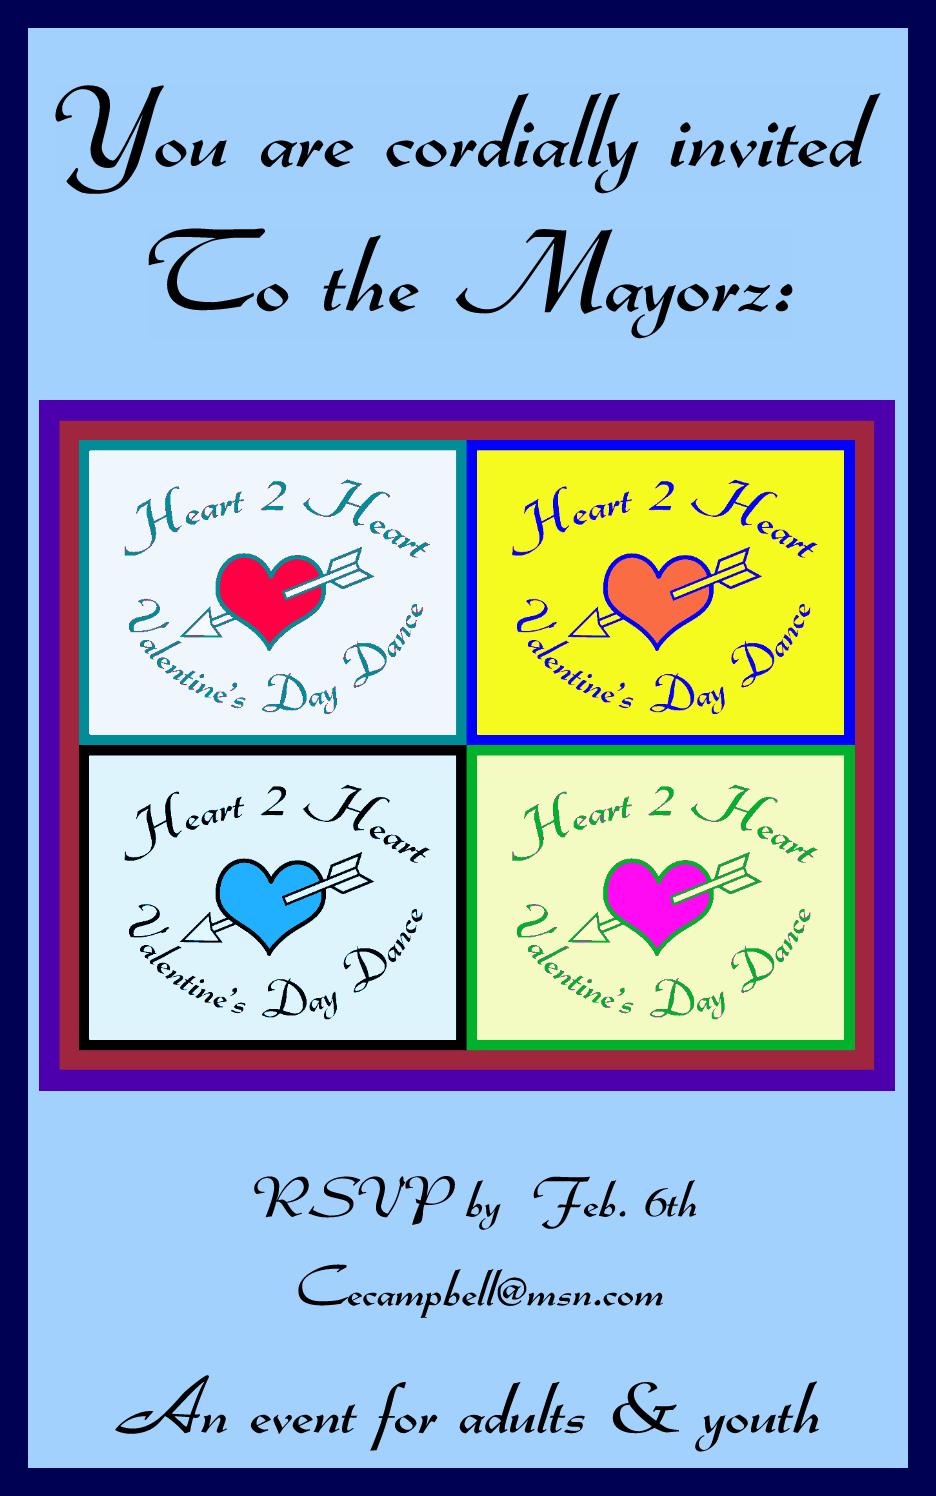 http://murphyandstanley.blogspot.com/2015/01/office-of-mayorz-official-announcement.html